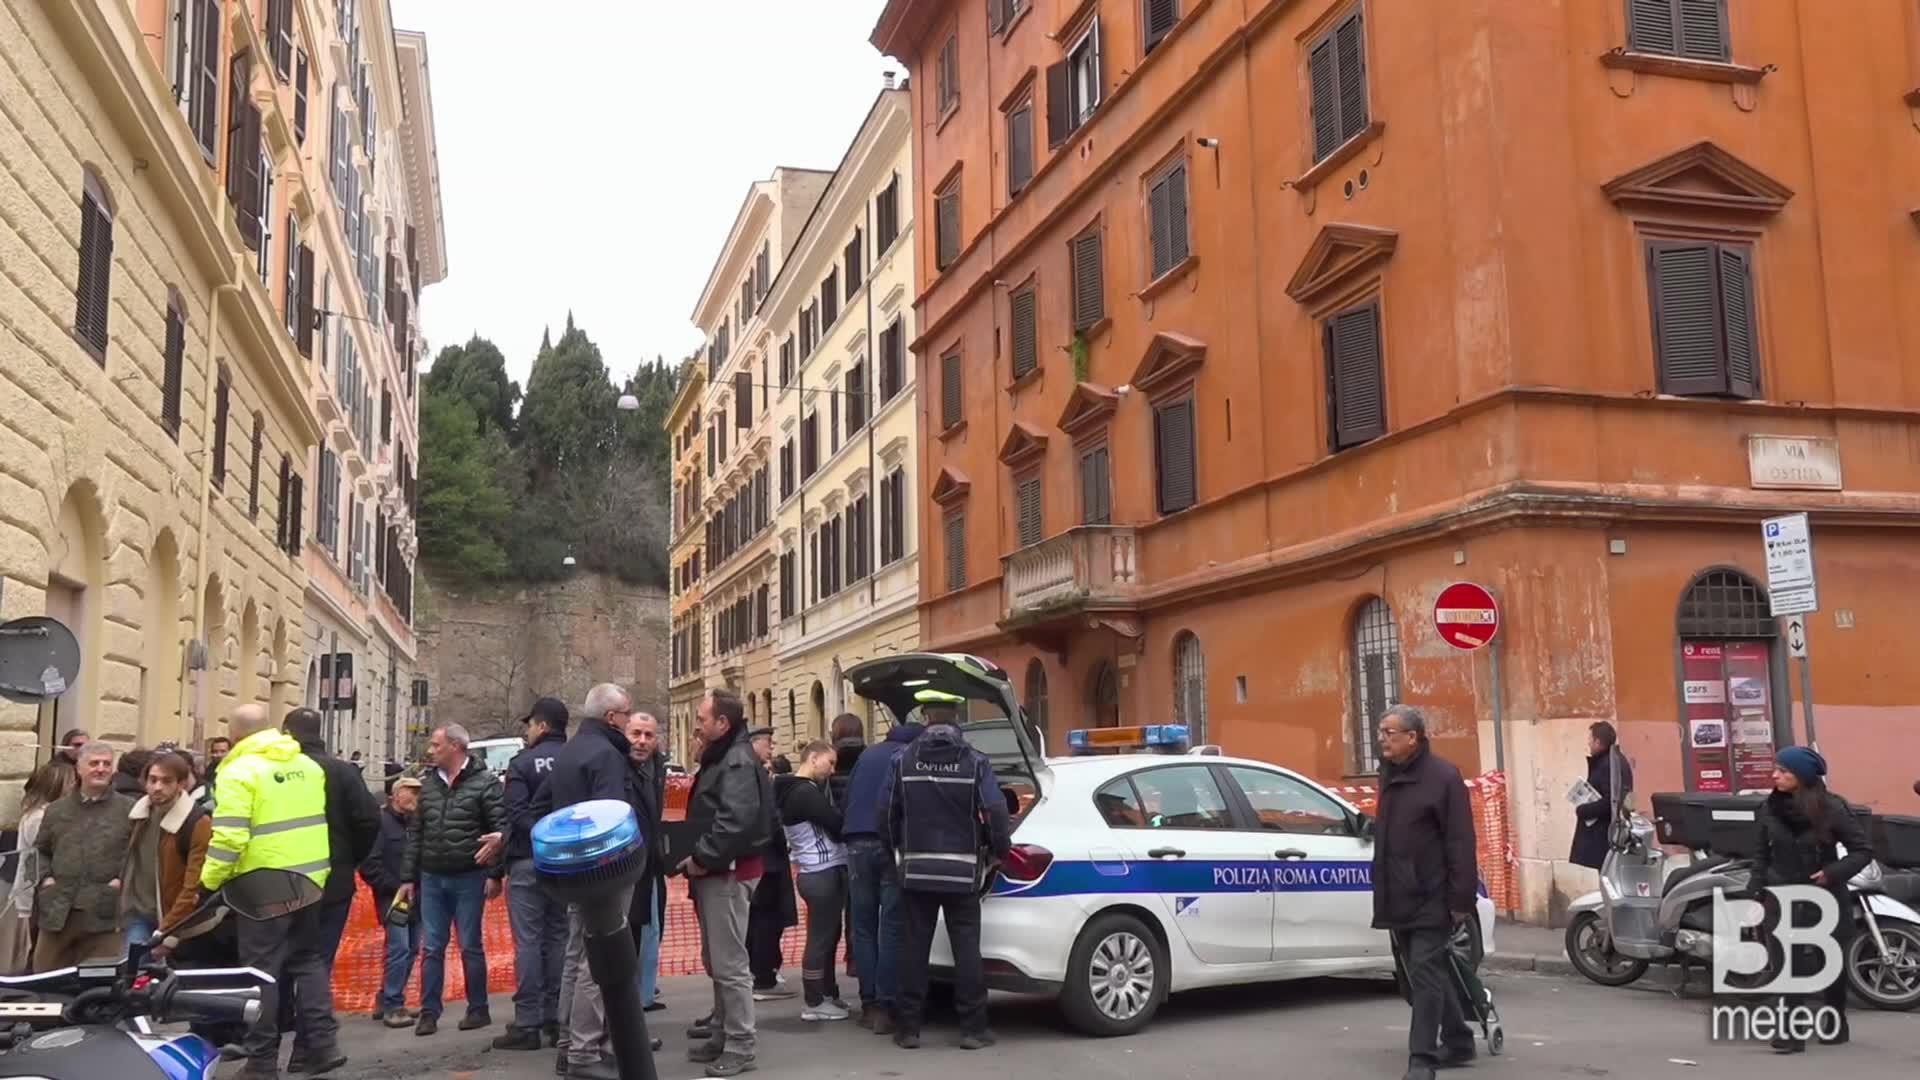 Immagine 1:CRONACA VIDEO. Roma, voragine vicino Colosseo: evacuato edificio 4 piani